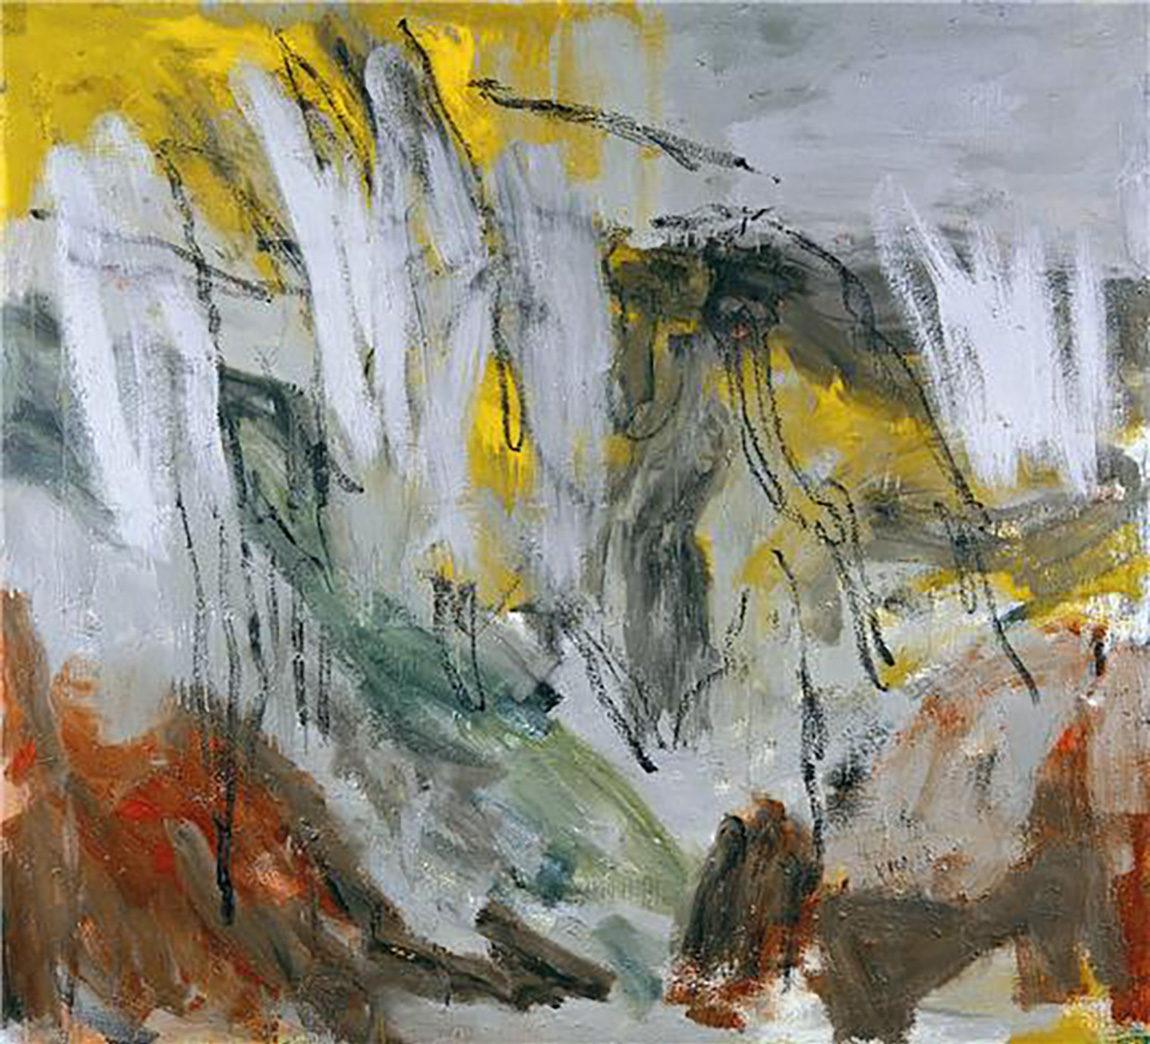 Dans la campagne, 2006, huile sur toile, 200 x 220 cm. (Photo © A.Morain)